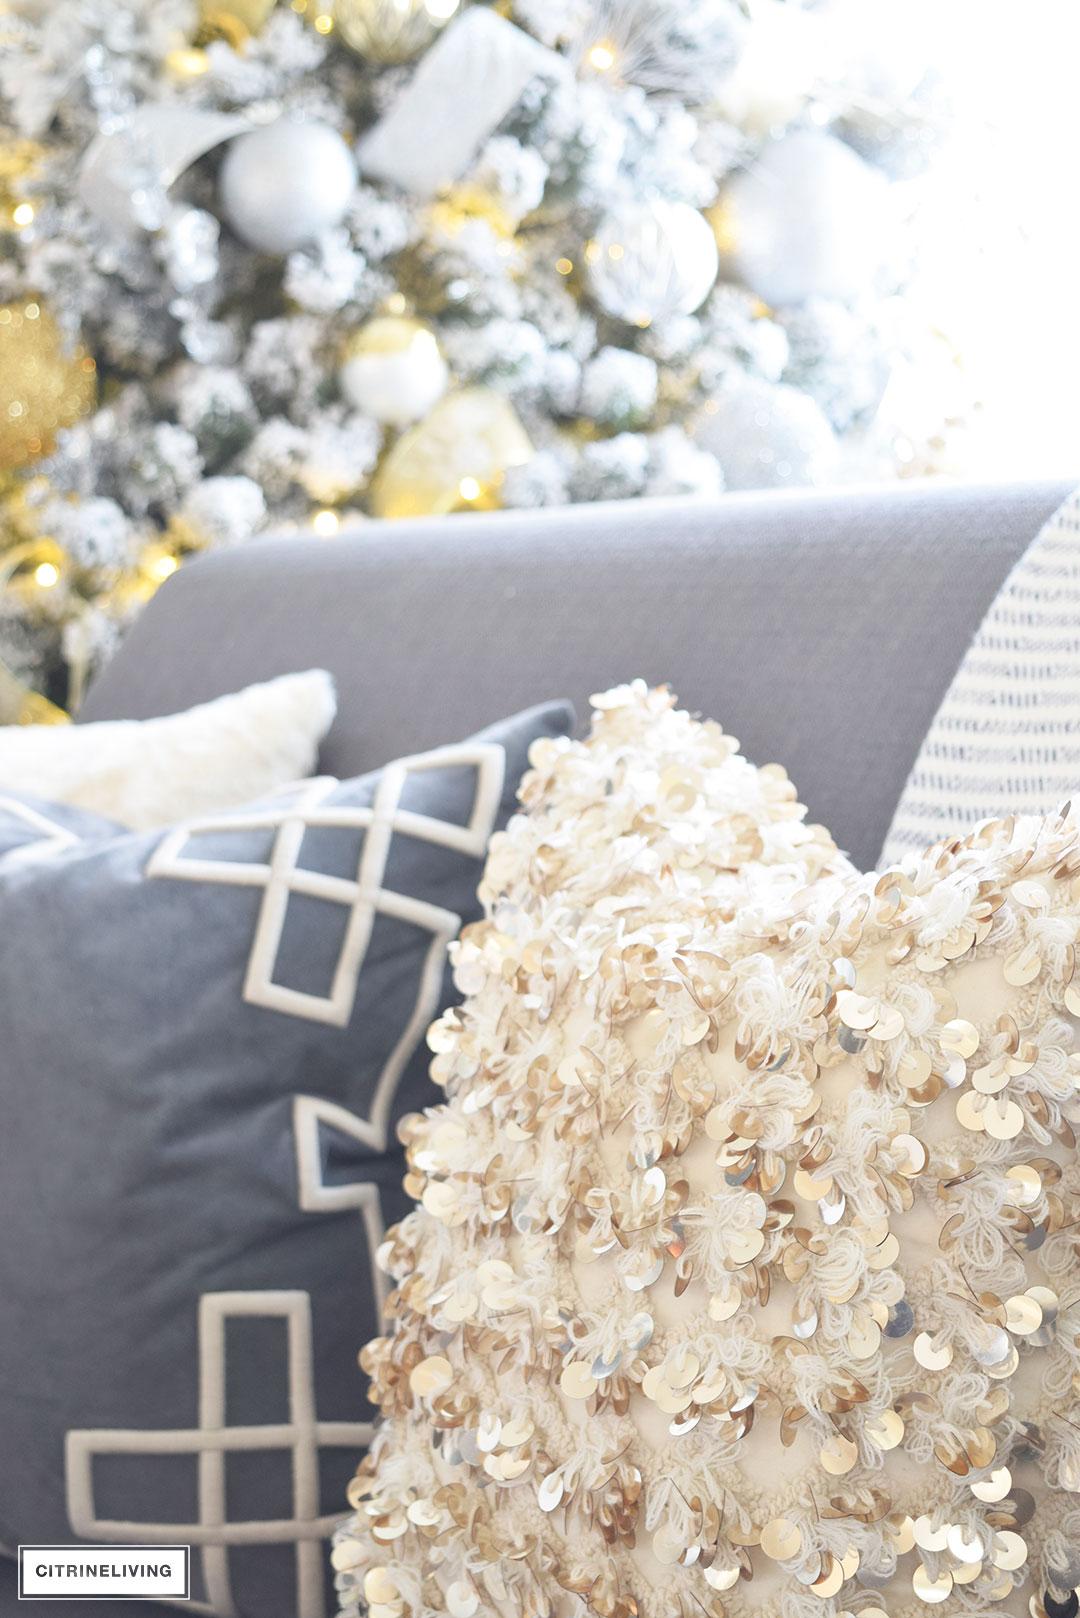 bolly-pillow-annie-selke-christmas-decor